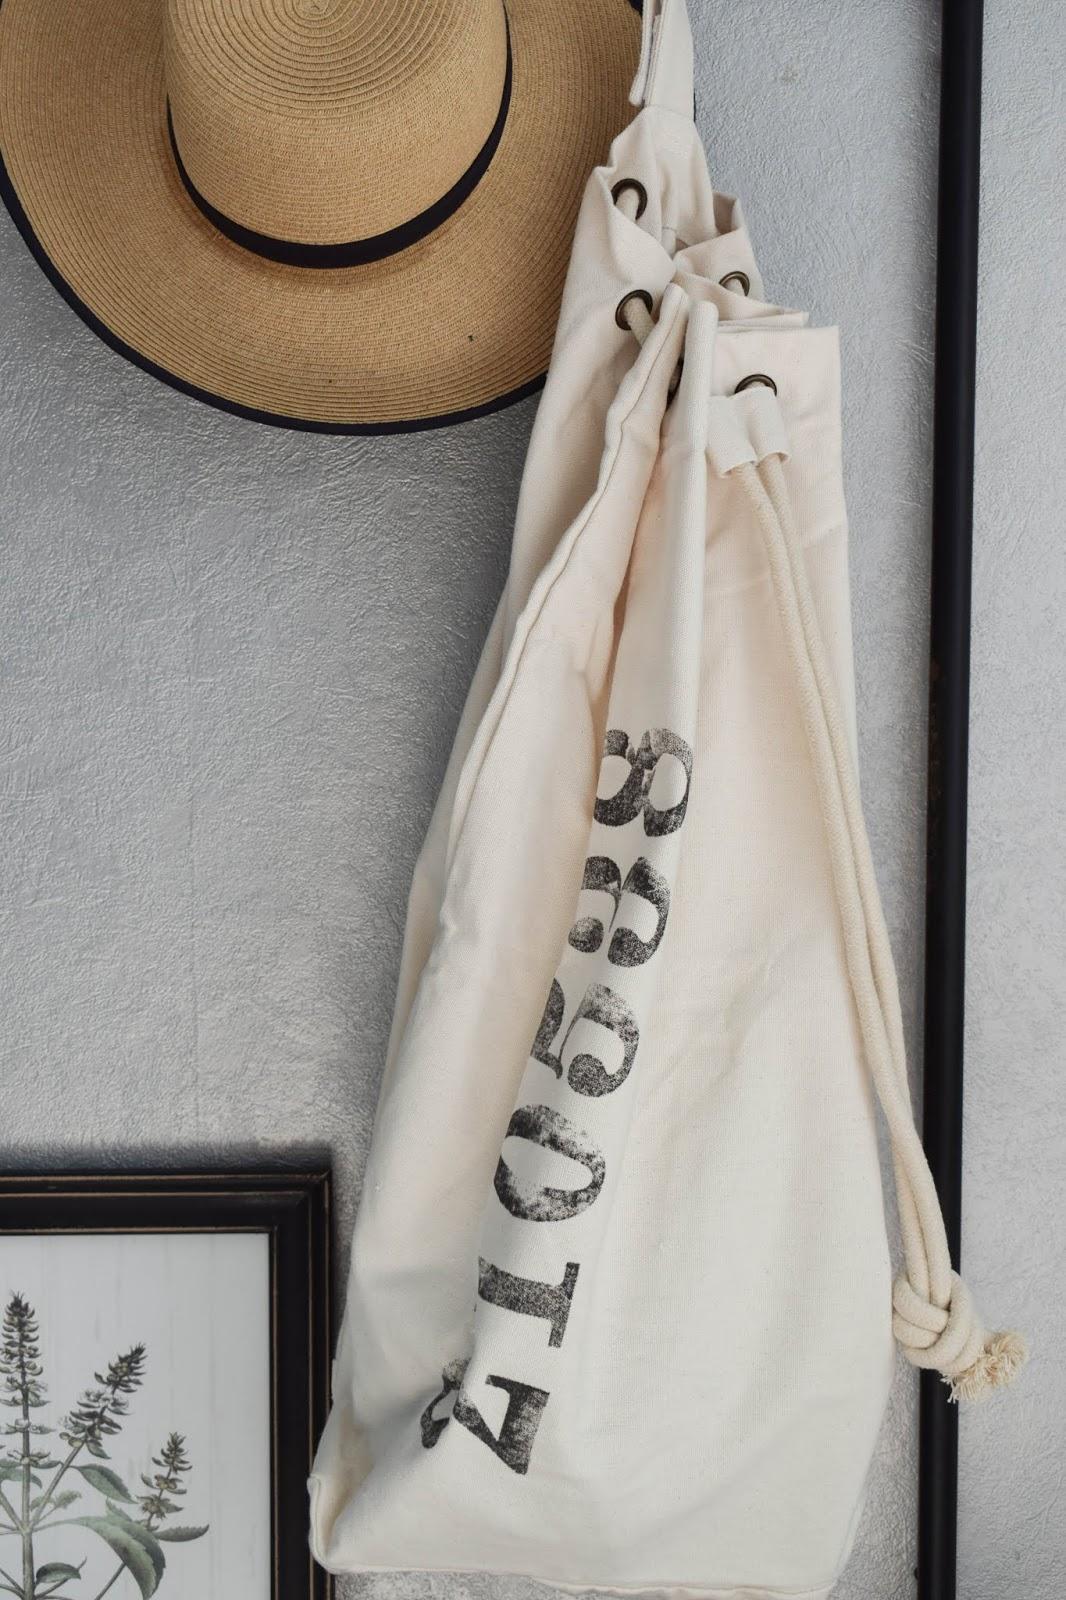 Garderobe Diele Flur Eingangsbereich Deko Dekoidee Interior Einrichtung WENKO Wäschesammler Wäschesack Aufbewahrung Werbung 6